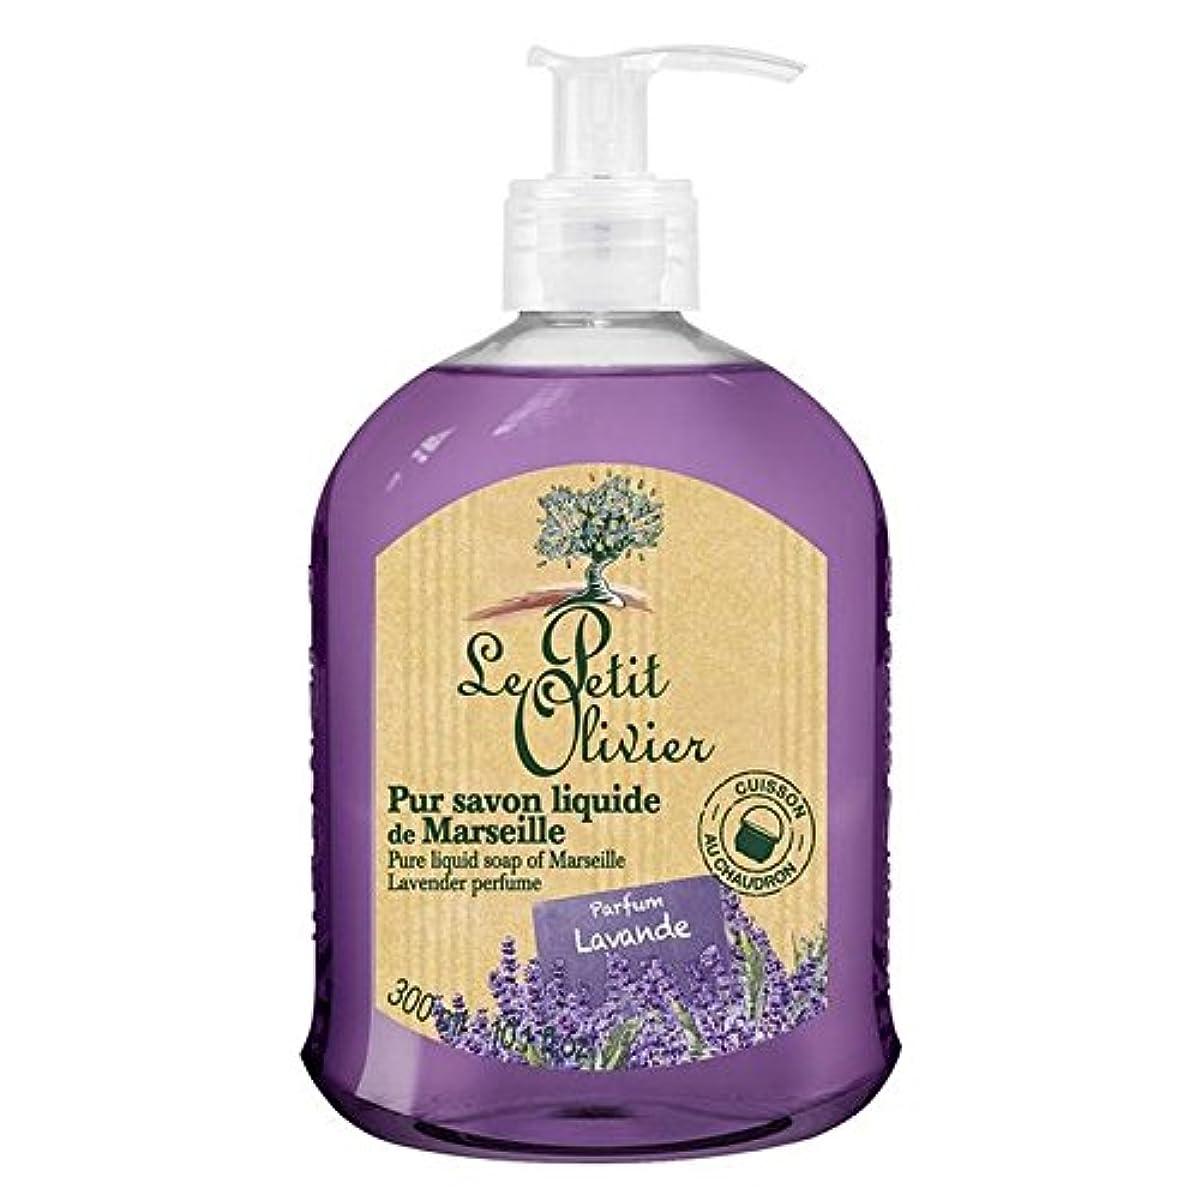 交渉する市民系譜Le Petit Olivier Pure Liquid Soap of Marseille, Lavender 300ml (Pack of 6) - マルセイユのル?プティ?オリヴィエ純粋な液体石鹸、ラベンダー300ミリリットル x6 [並行輸入品]